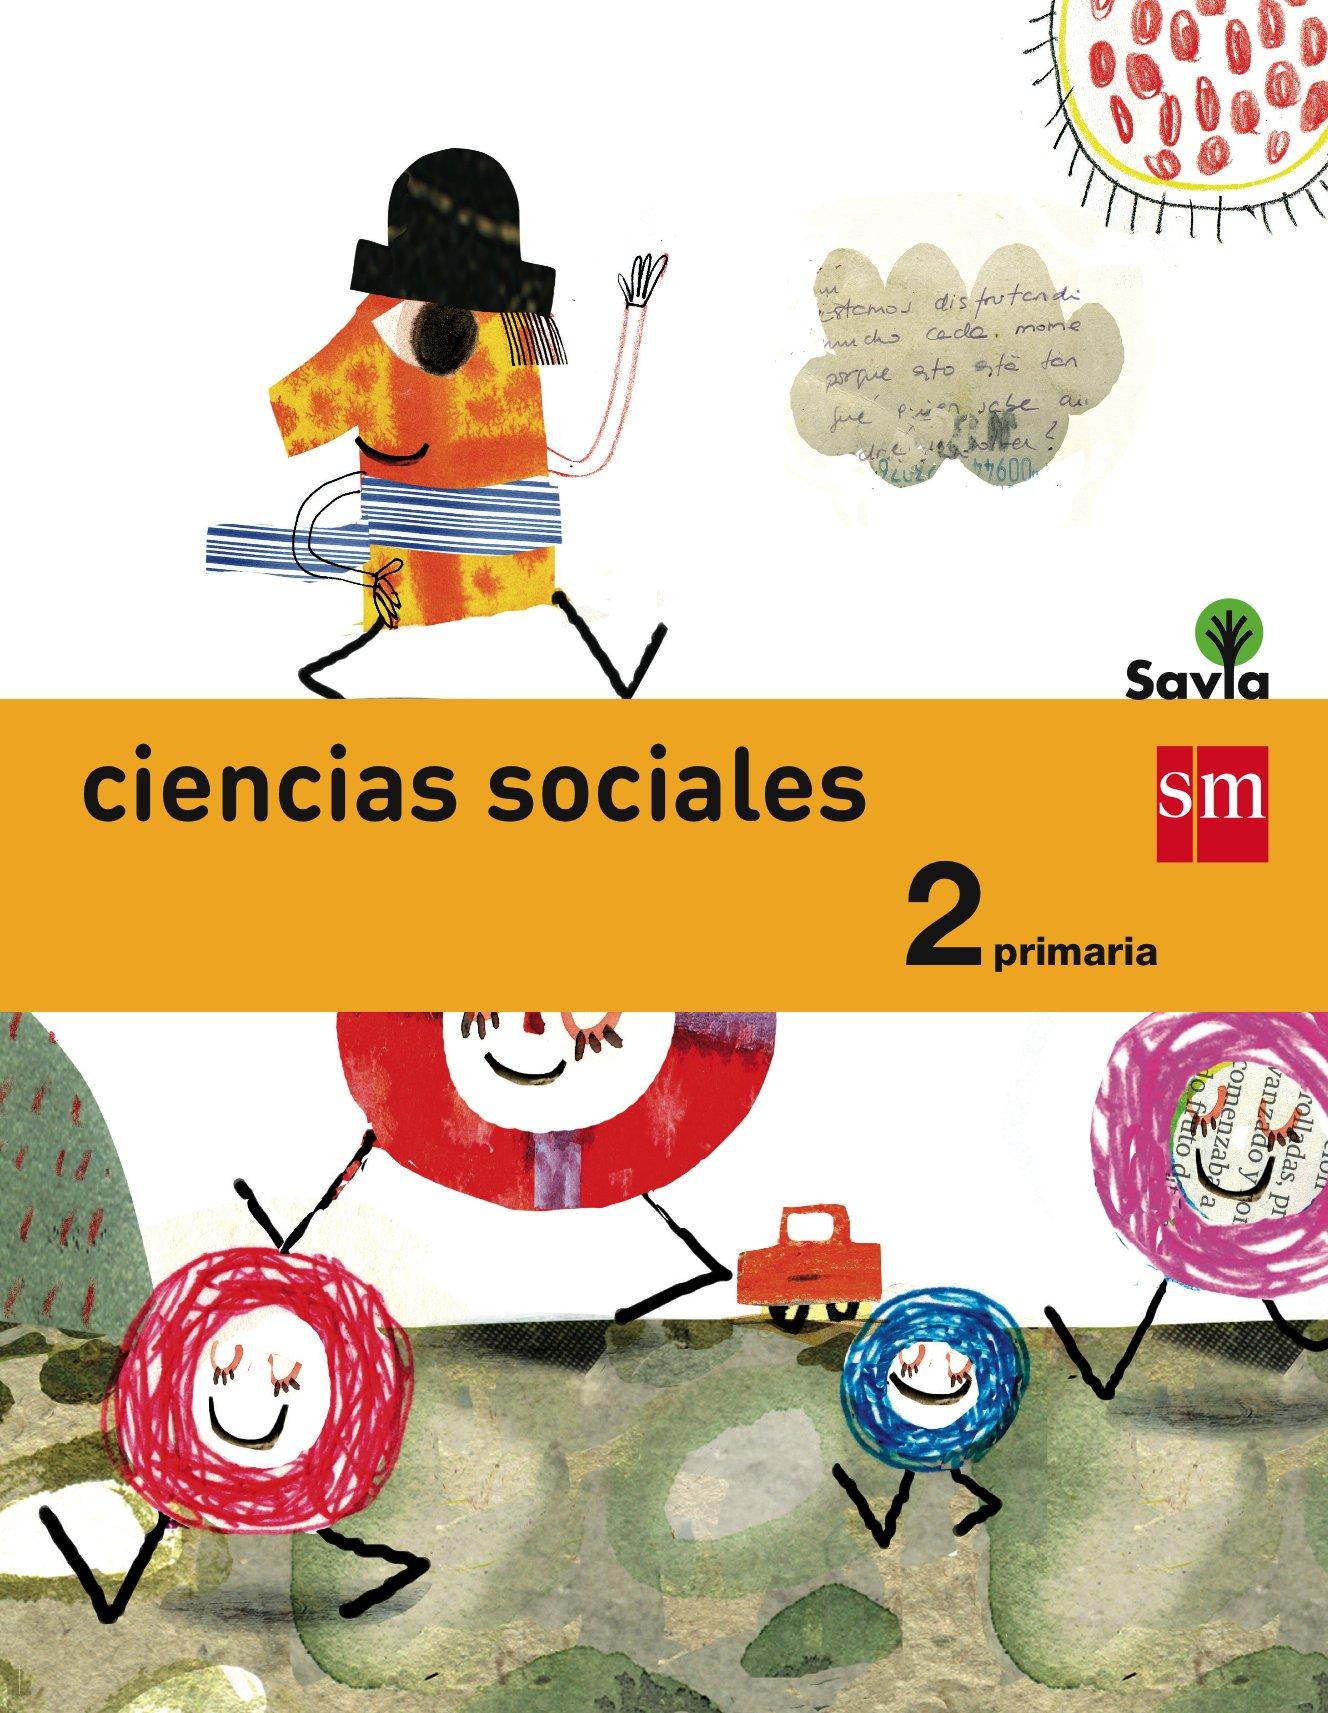 Ciencias Sociales 2 Primaria Savia Spanish Edition Menéndez Camarena Pilar Hidalgo García Juan Miguel Moratalla De La Hoz Vicente Berdugo Garvia Guillermo Arumi Casanovas David Fernández Méndez Luján 9788467575118 Books